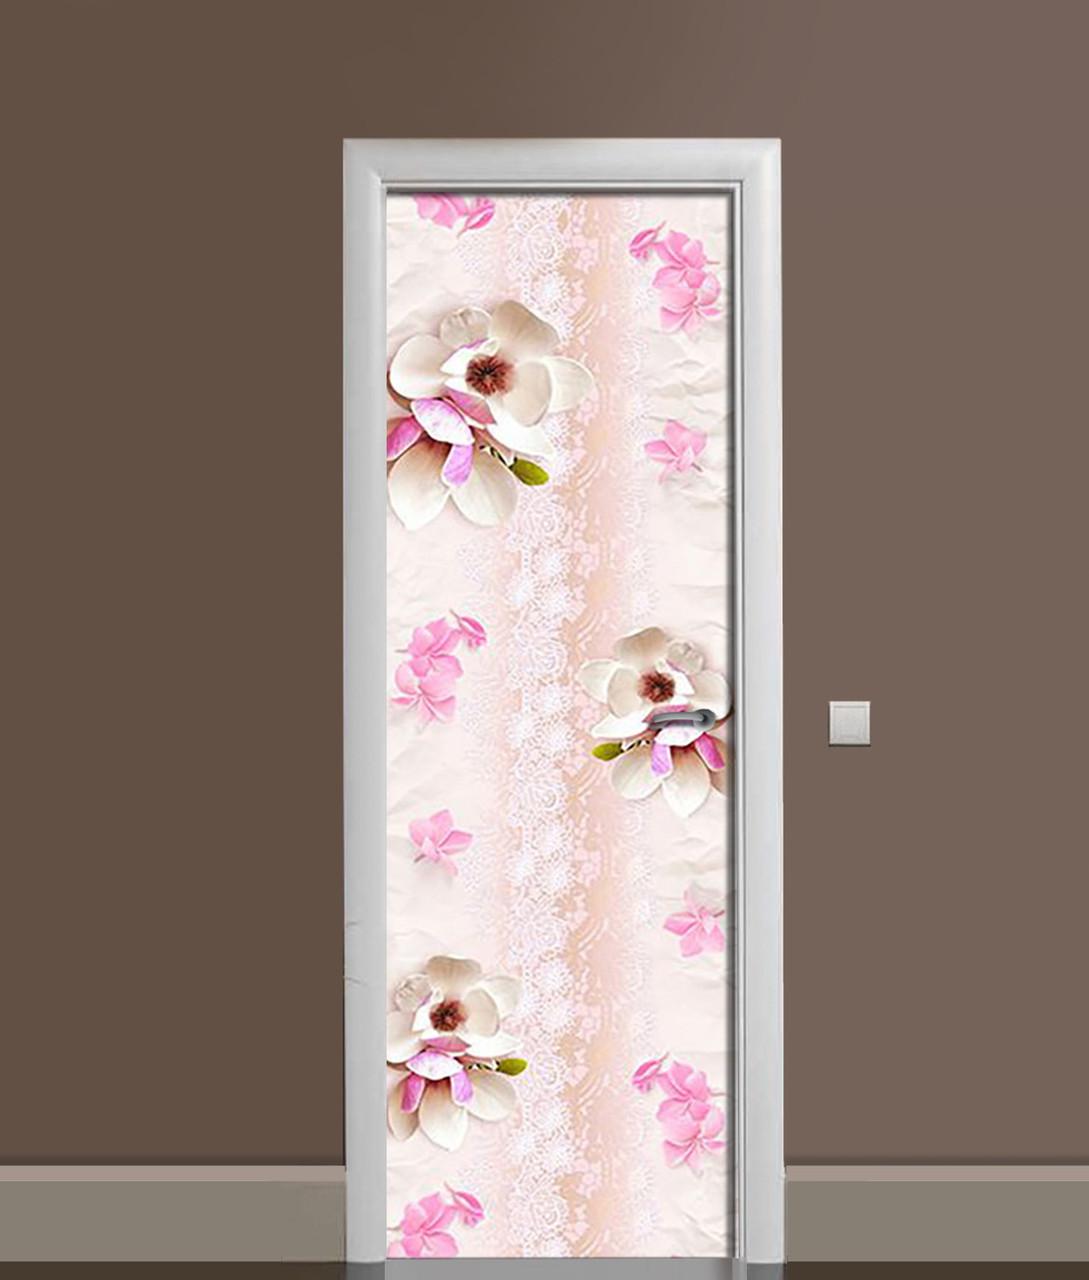 Виниловая 3Д наклейка на дверь Магнолии Узор самоклеющаяся пленка ПВХ орнамент Цветы Розовый 650*2000 мм